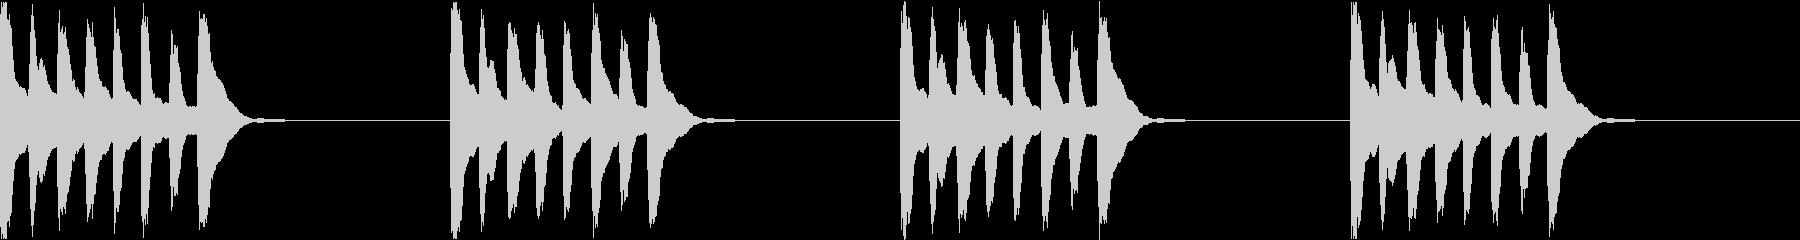 シンプル ベル 着信音 チャイム C11の未再生の波形